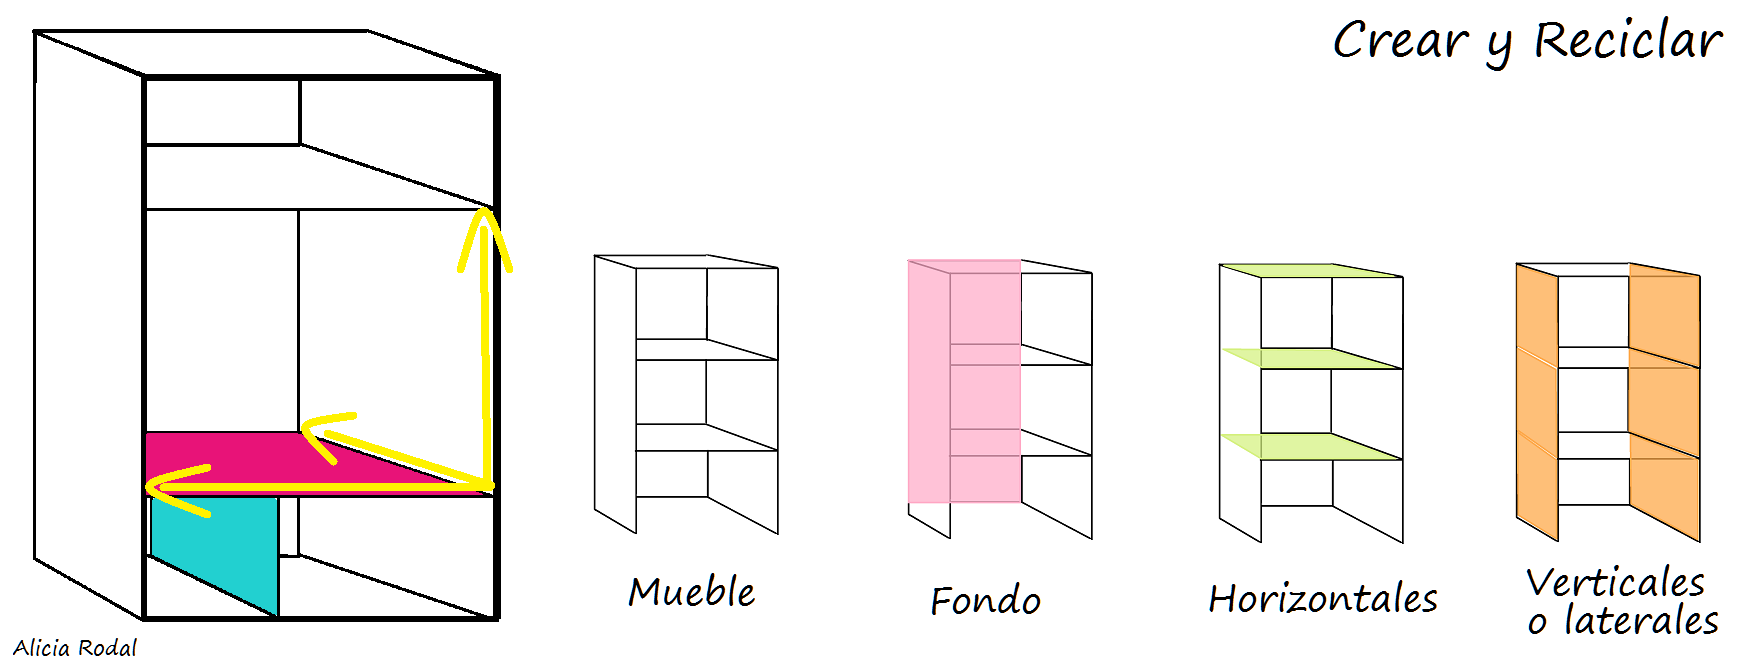 Cómo hacer un mueble estantería de cartón de 3 repisas para armario ropero, organizador, closet, guardarropa, aparador, cómoda / DIY.